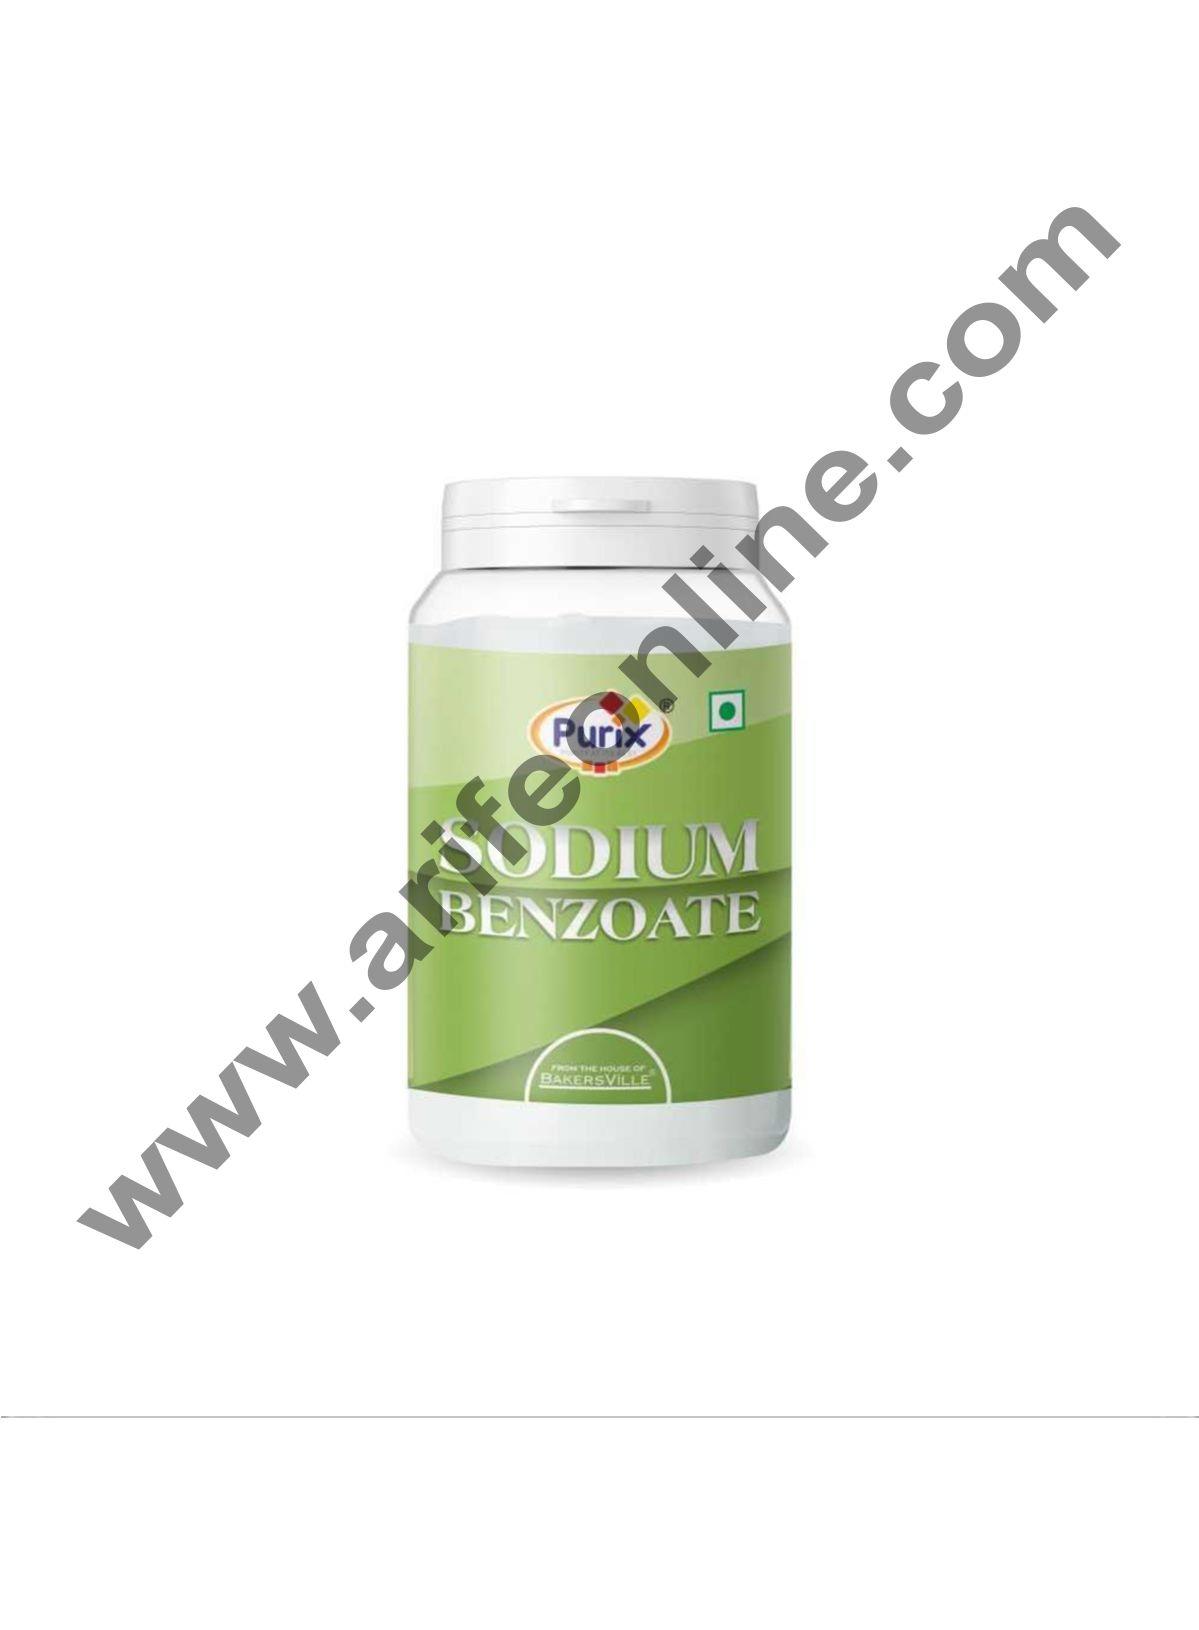 Purix ™ Sodium Benzoate ,75gm